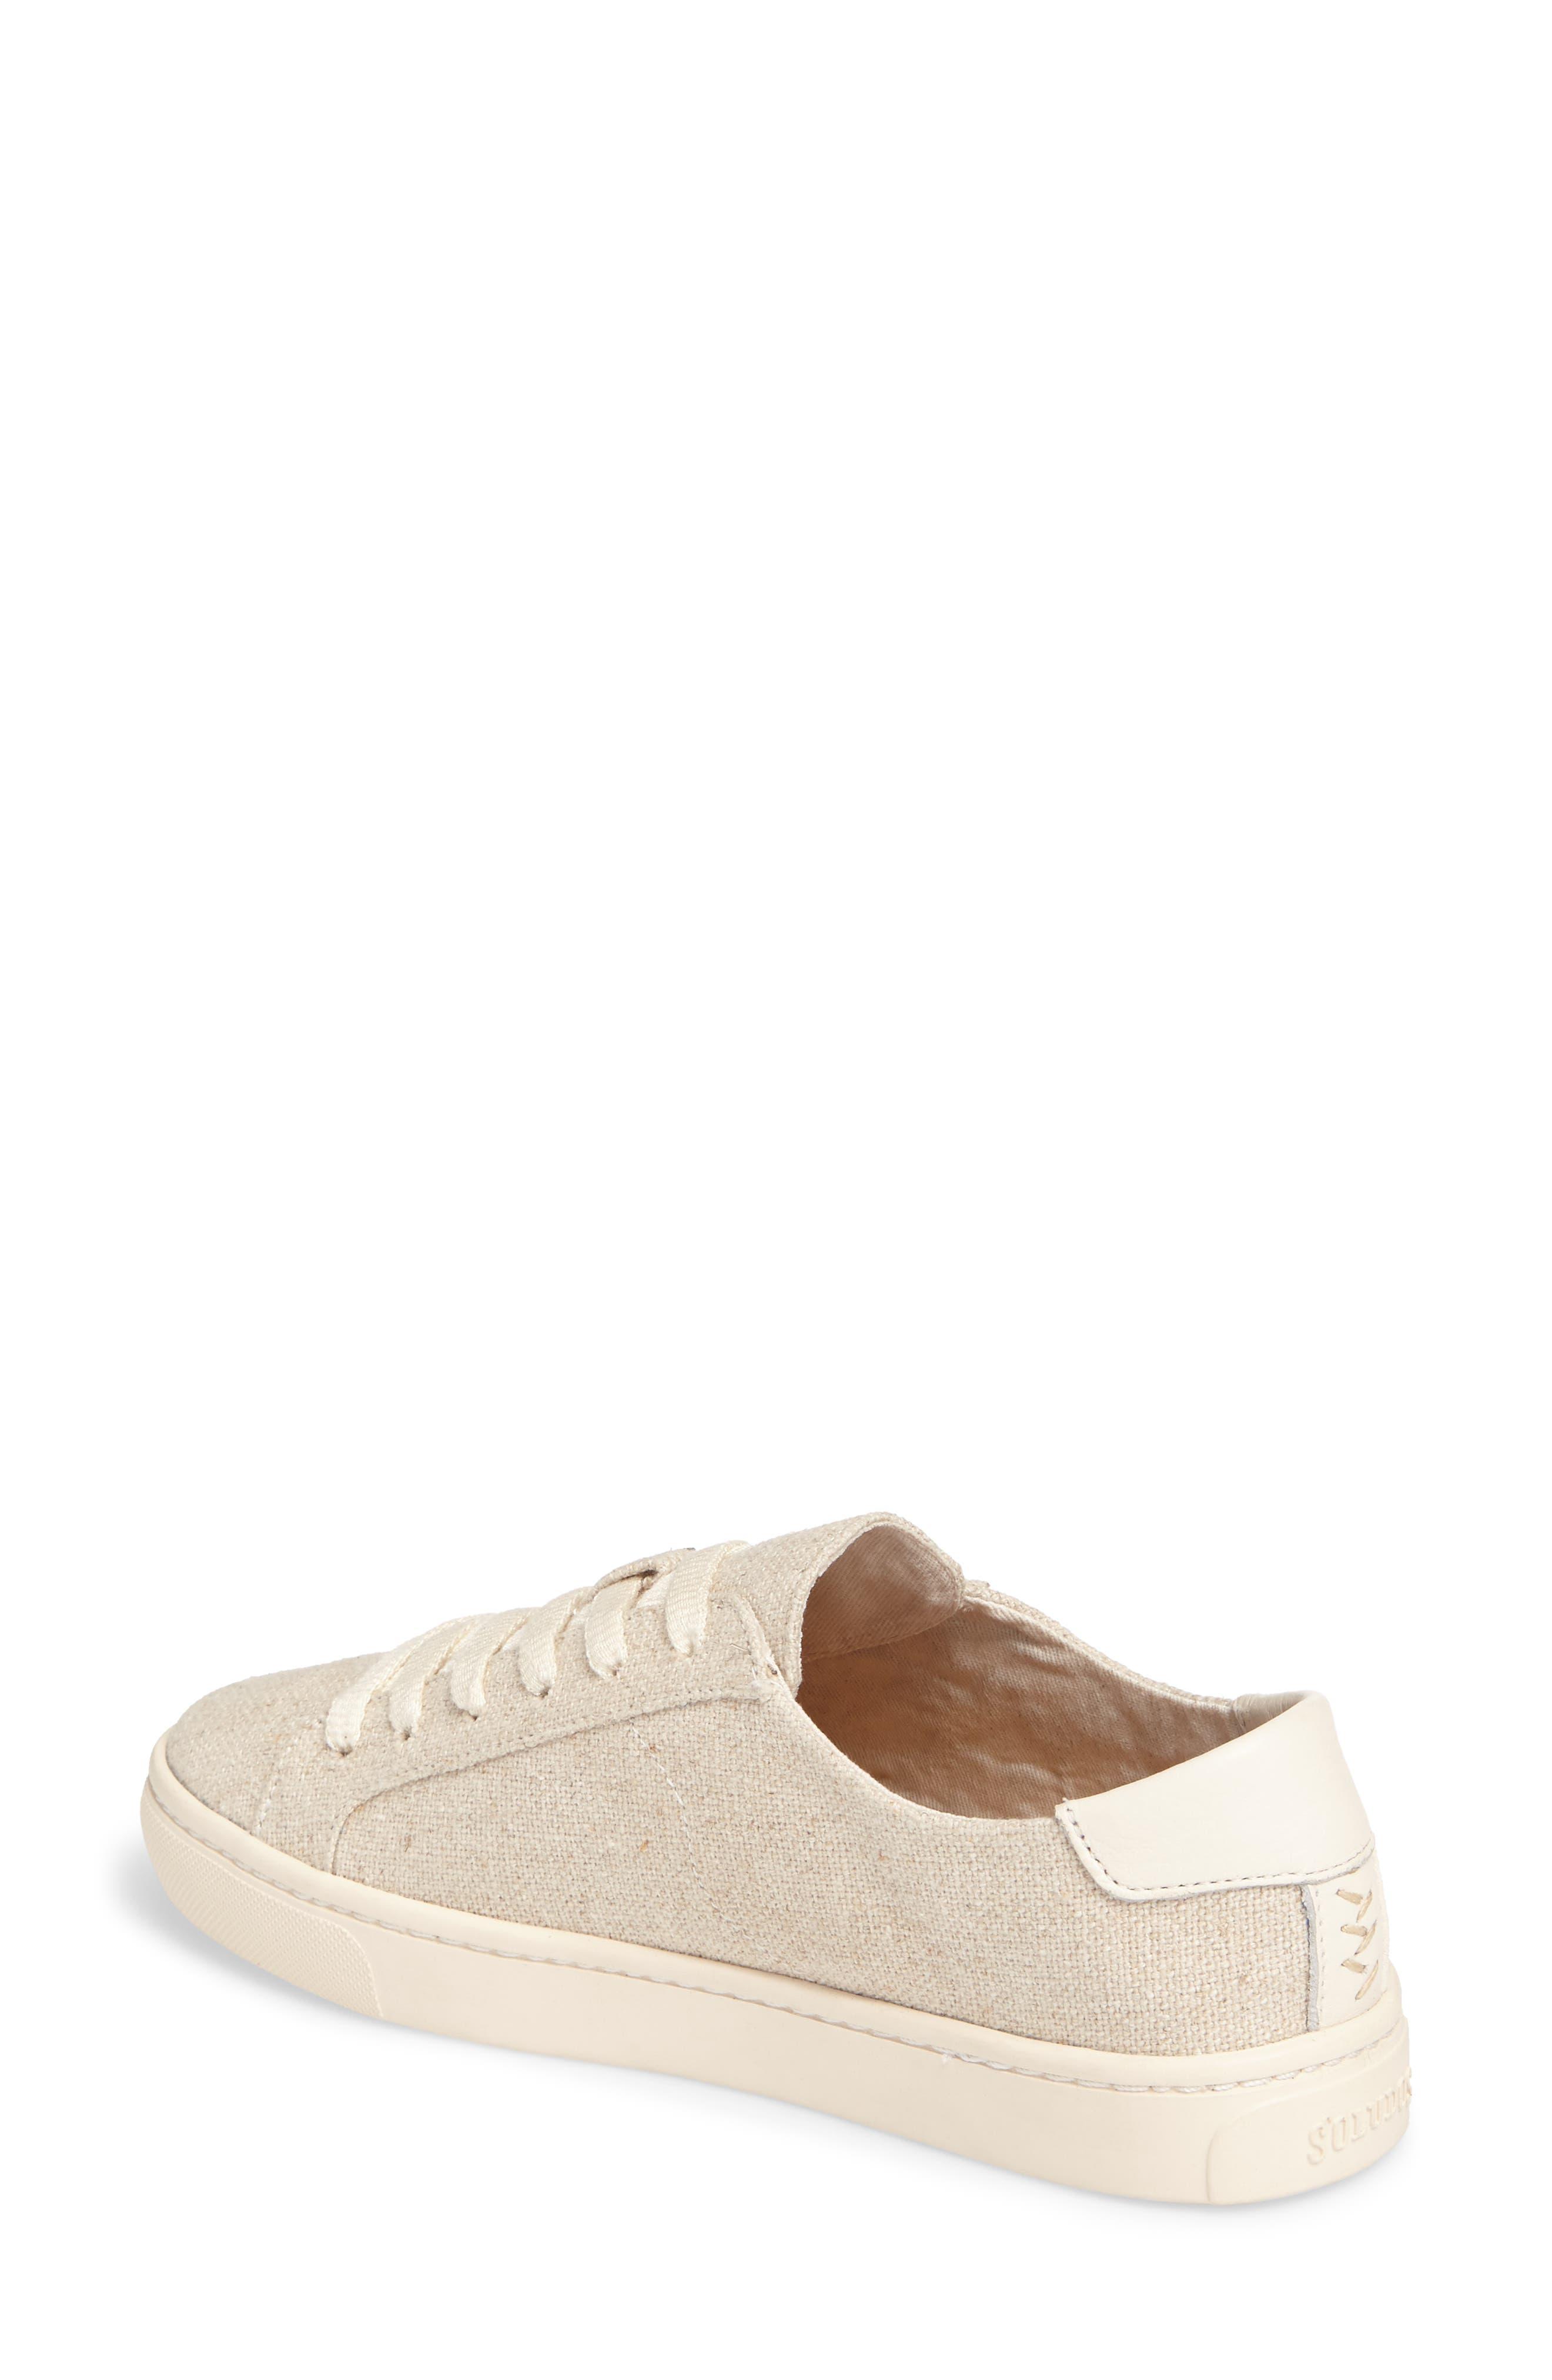 Otomi Sneaker,                             Alternate thumbnail 2, color,